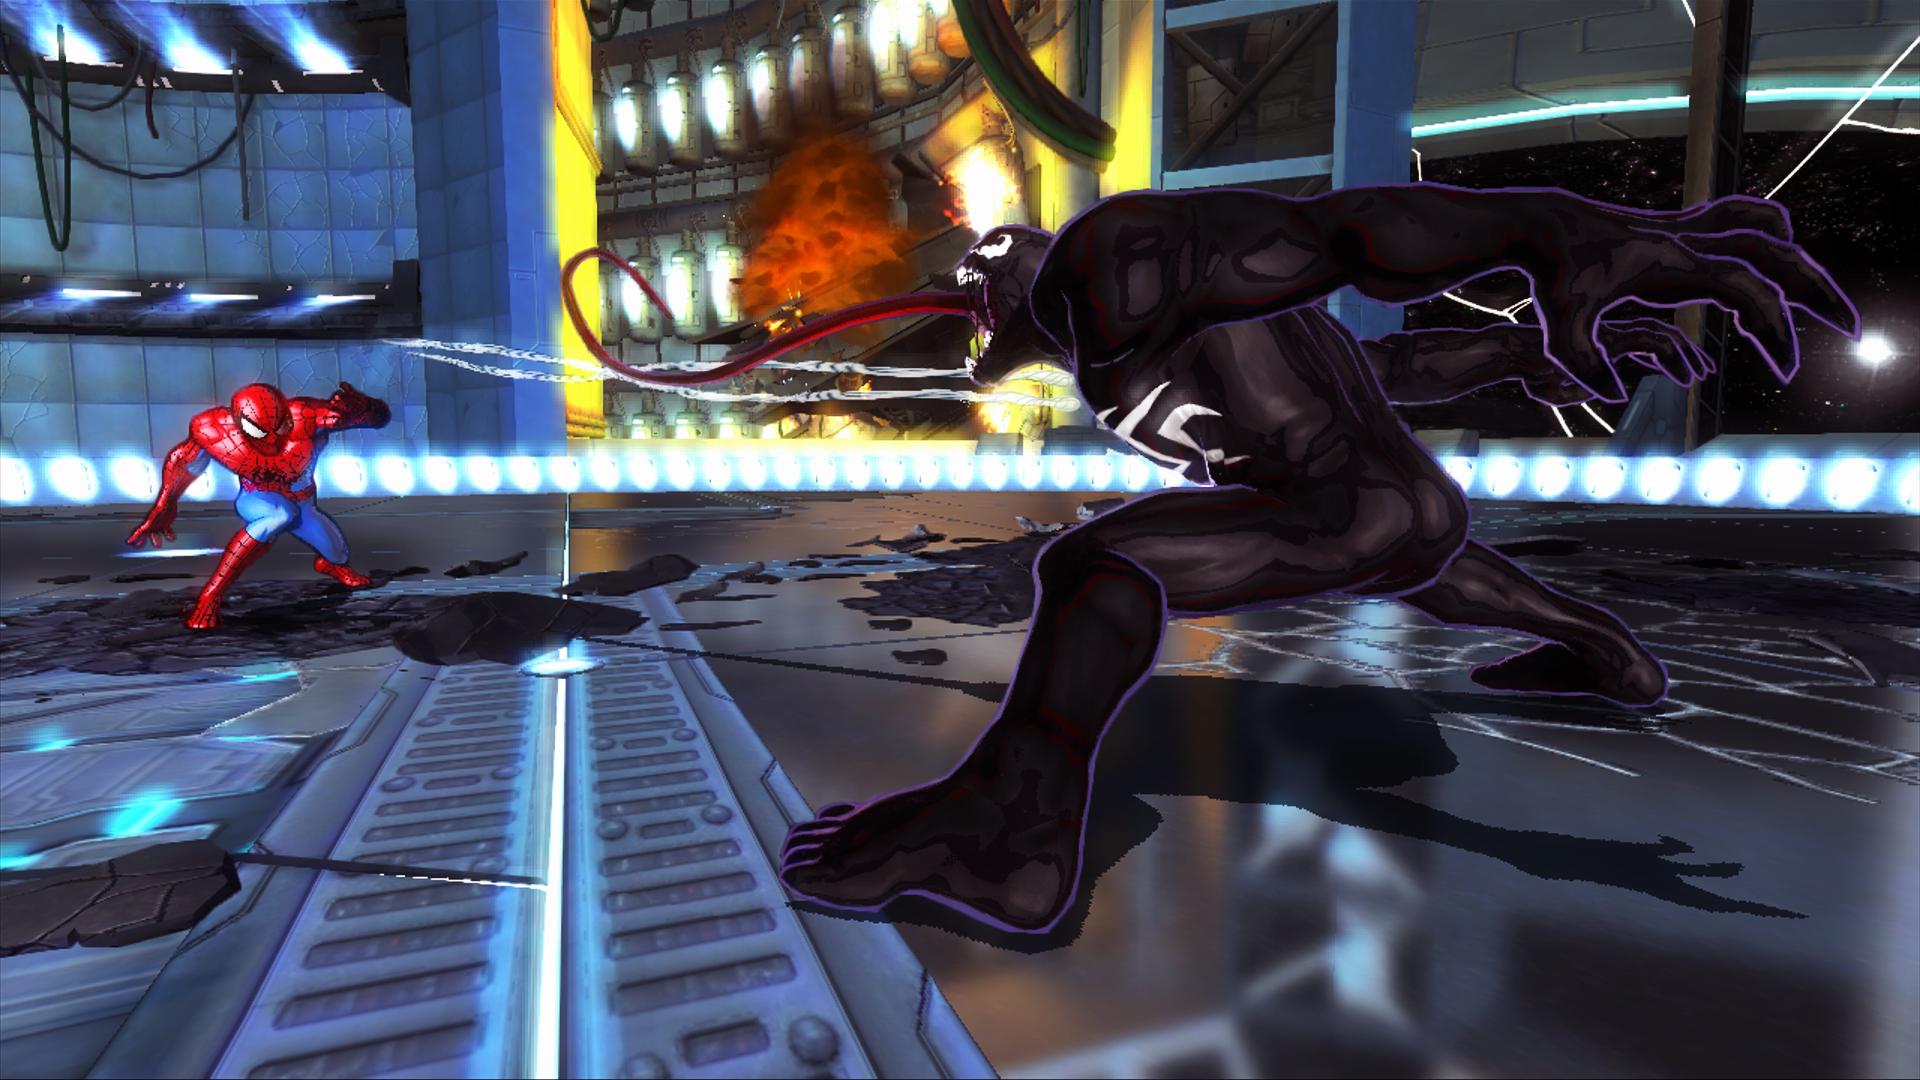 Venom v spider man gotgame